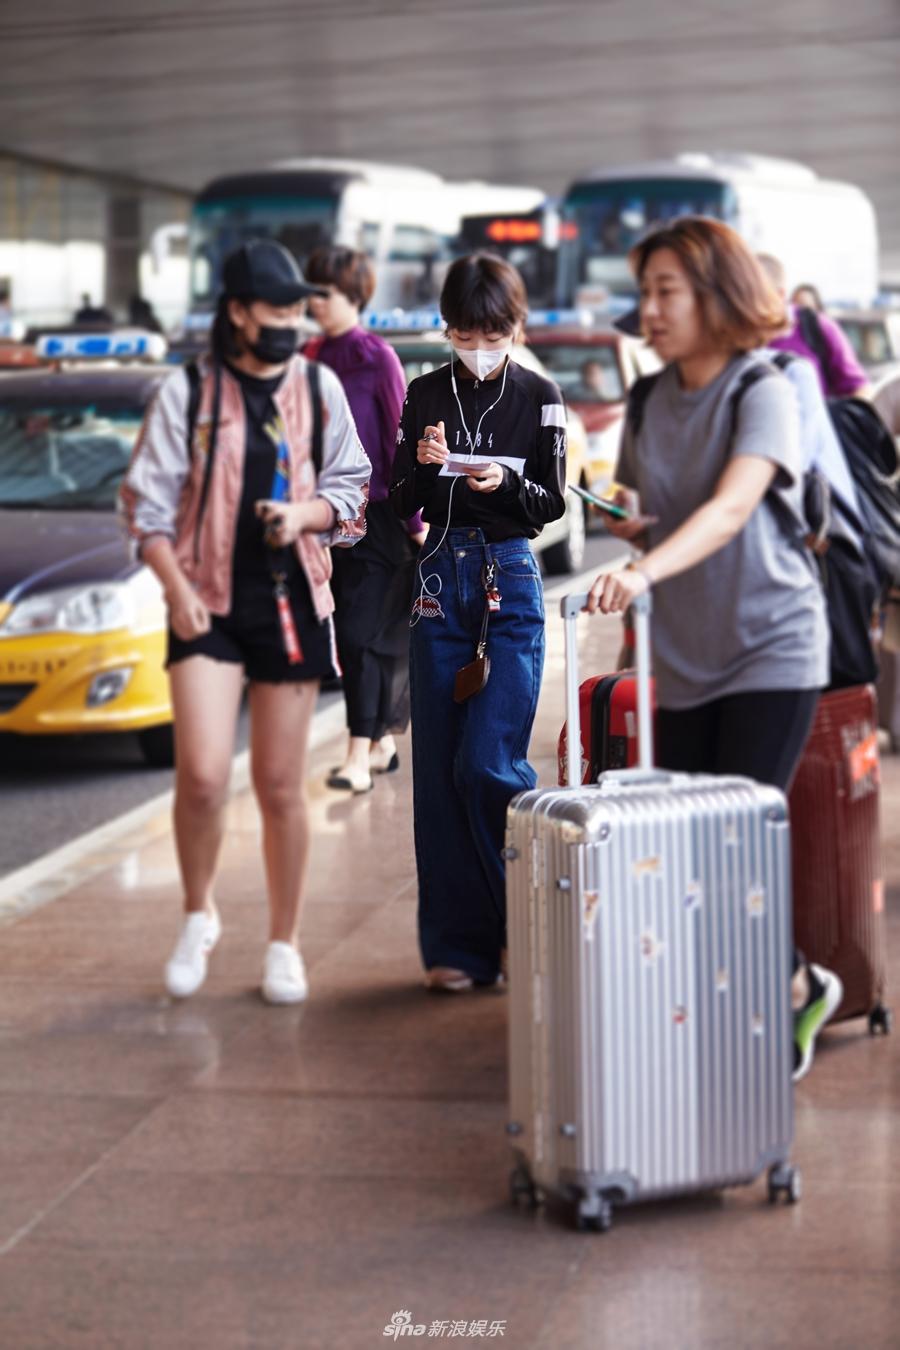 组图:周冬雨现身首都机场 大方签名心情甚好